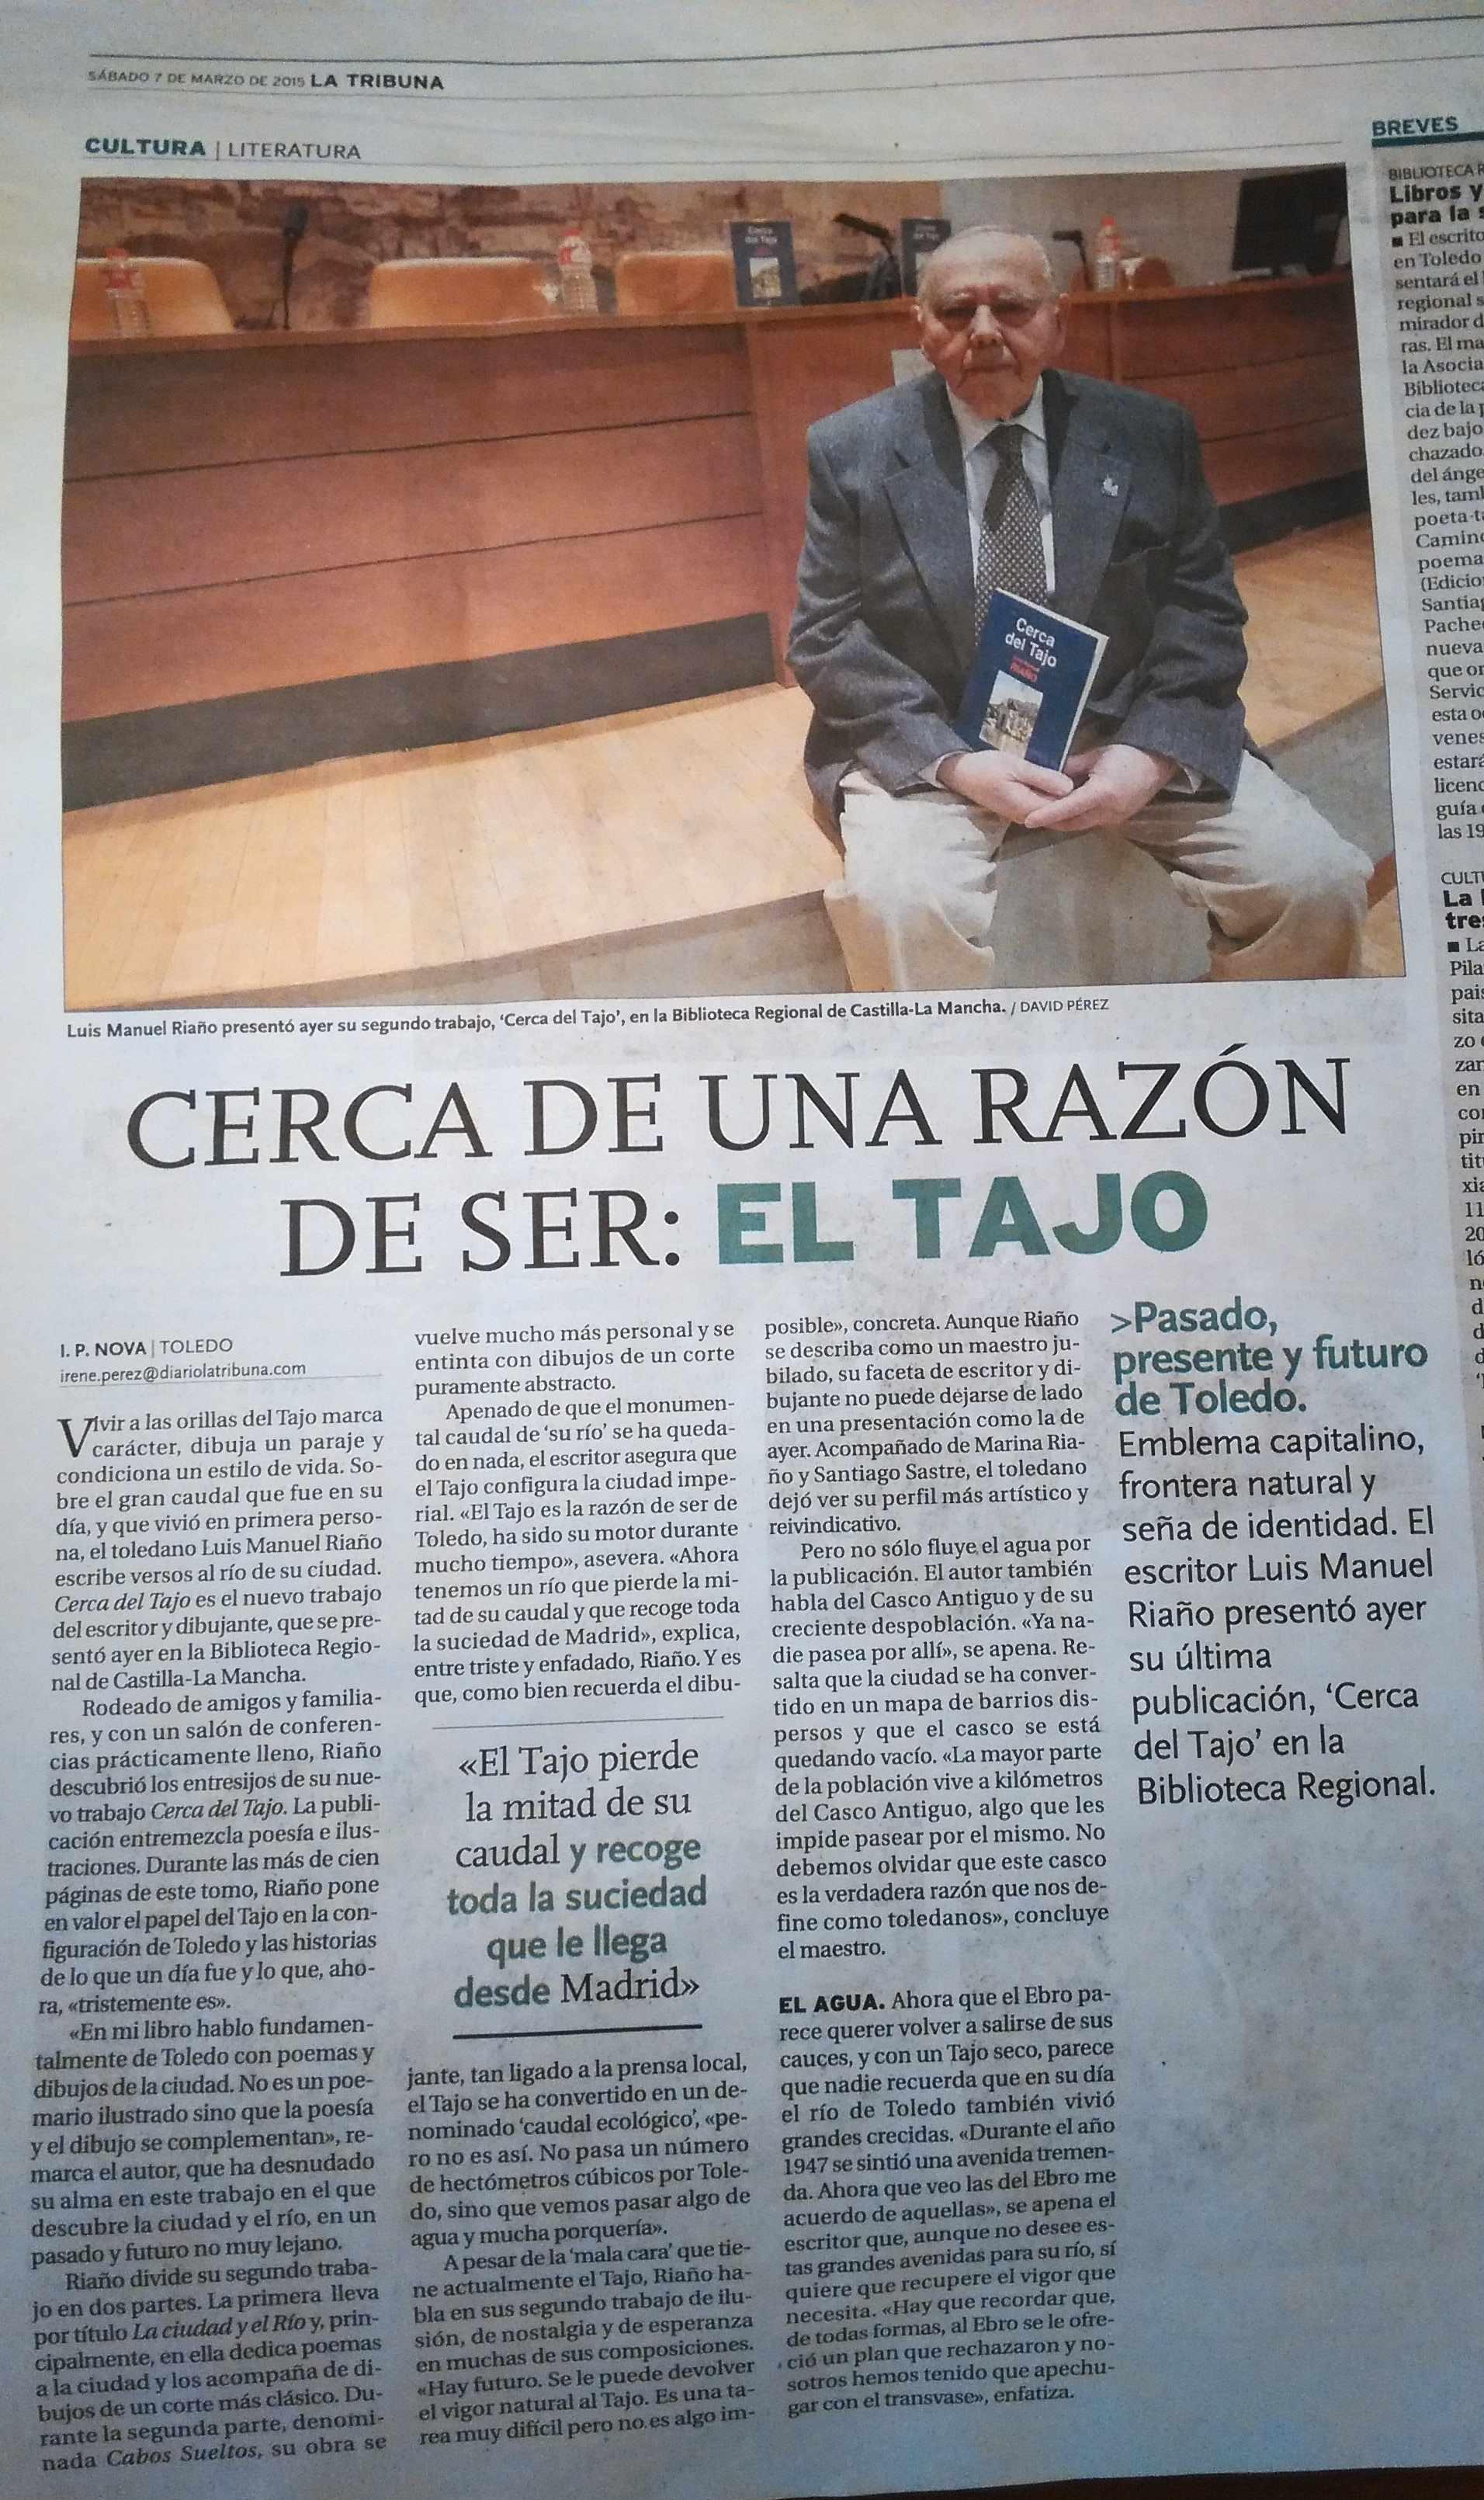 LA TRIBUNA DE TOLEDO : Presentación de CERCA DEL TAJO, de Luis Riaño.